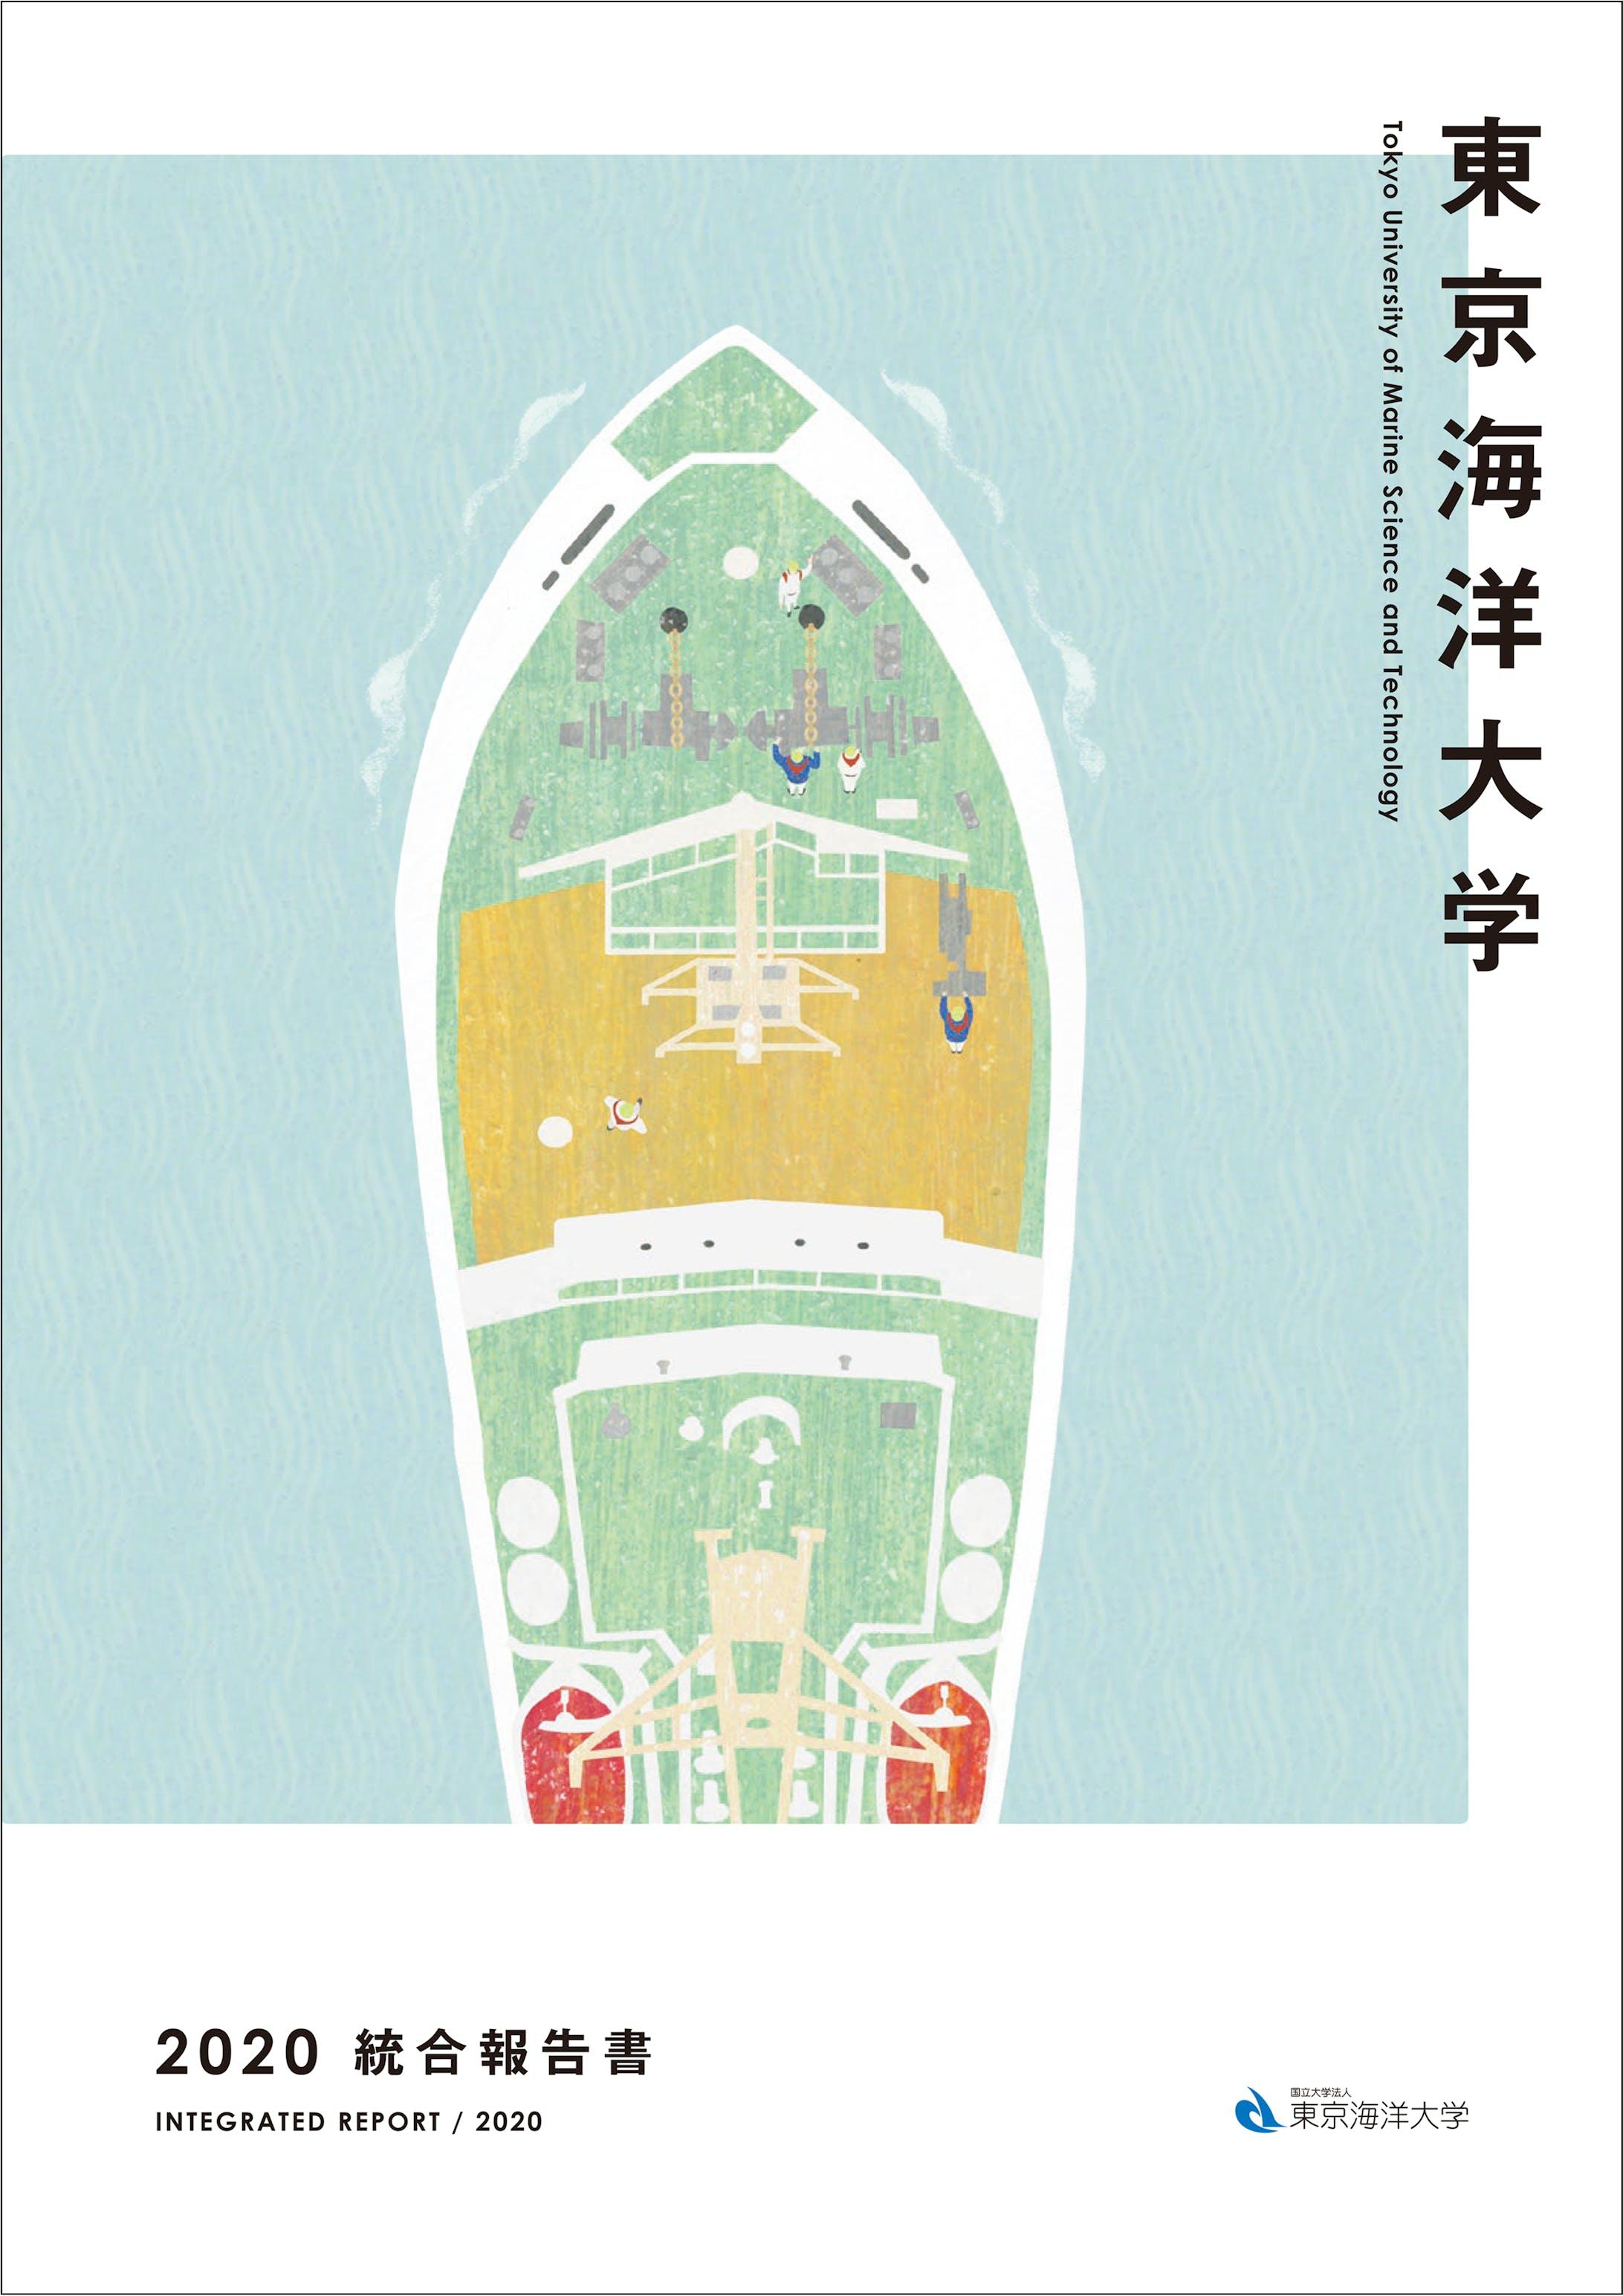 東京海洋大学 総合報告書2020 カバーイラスト-1